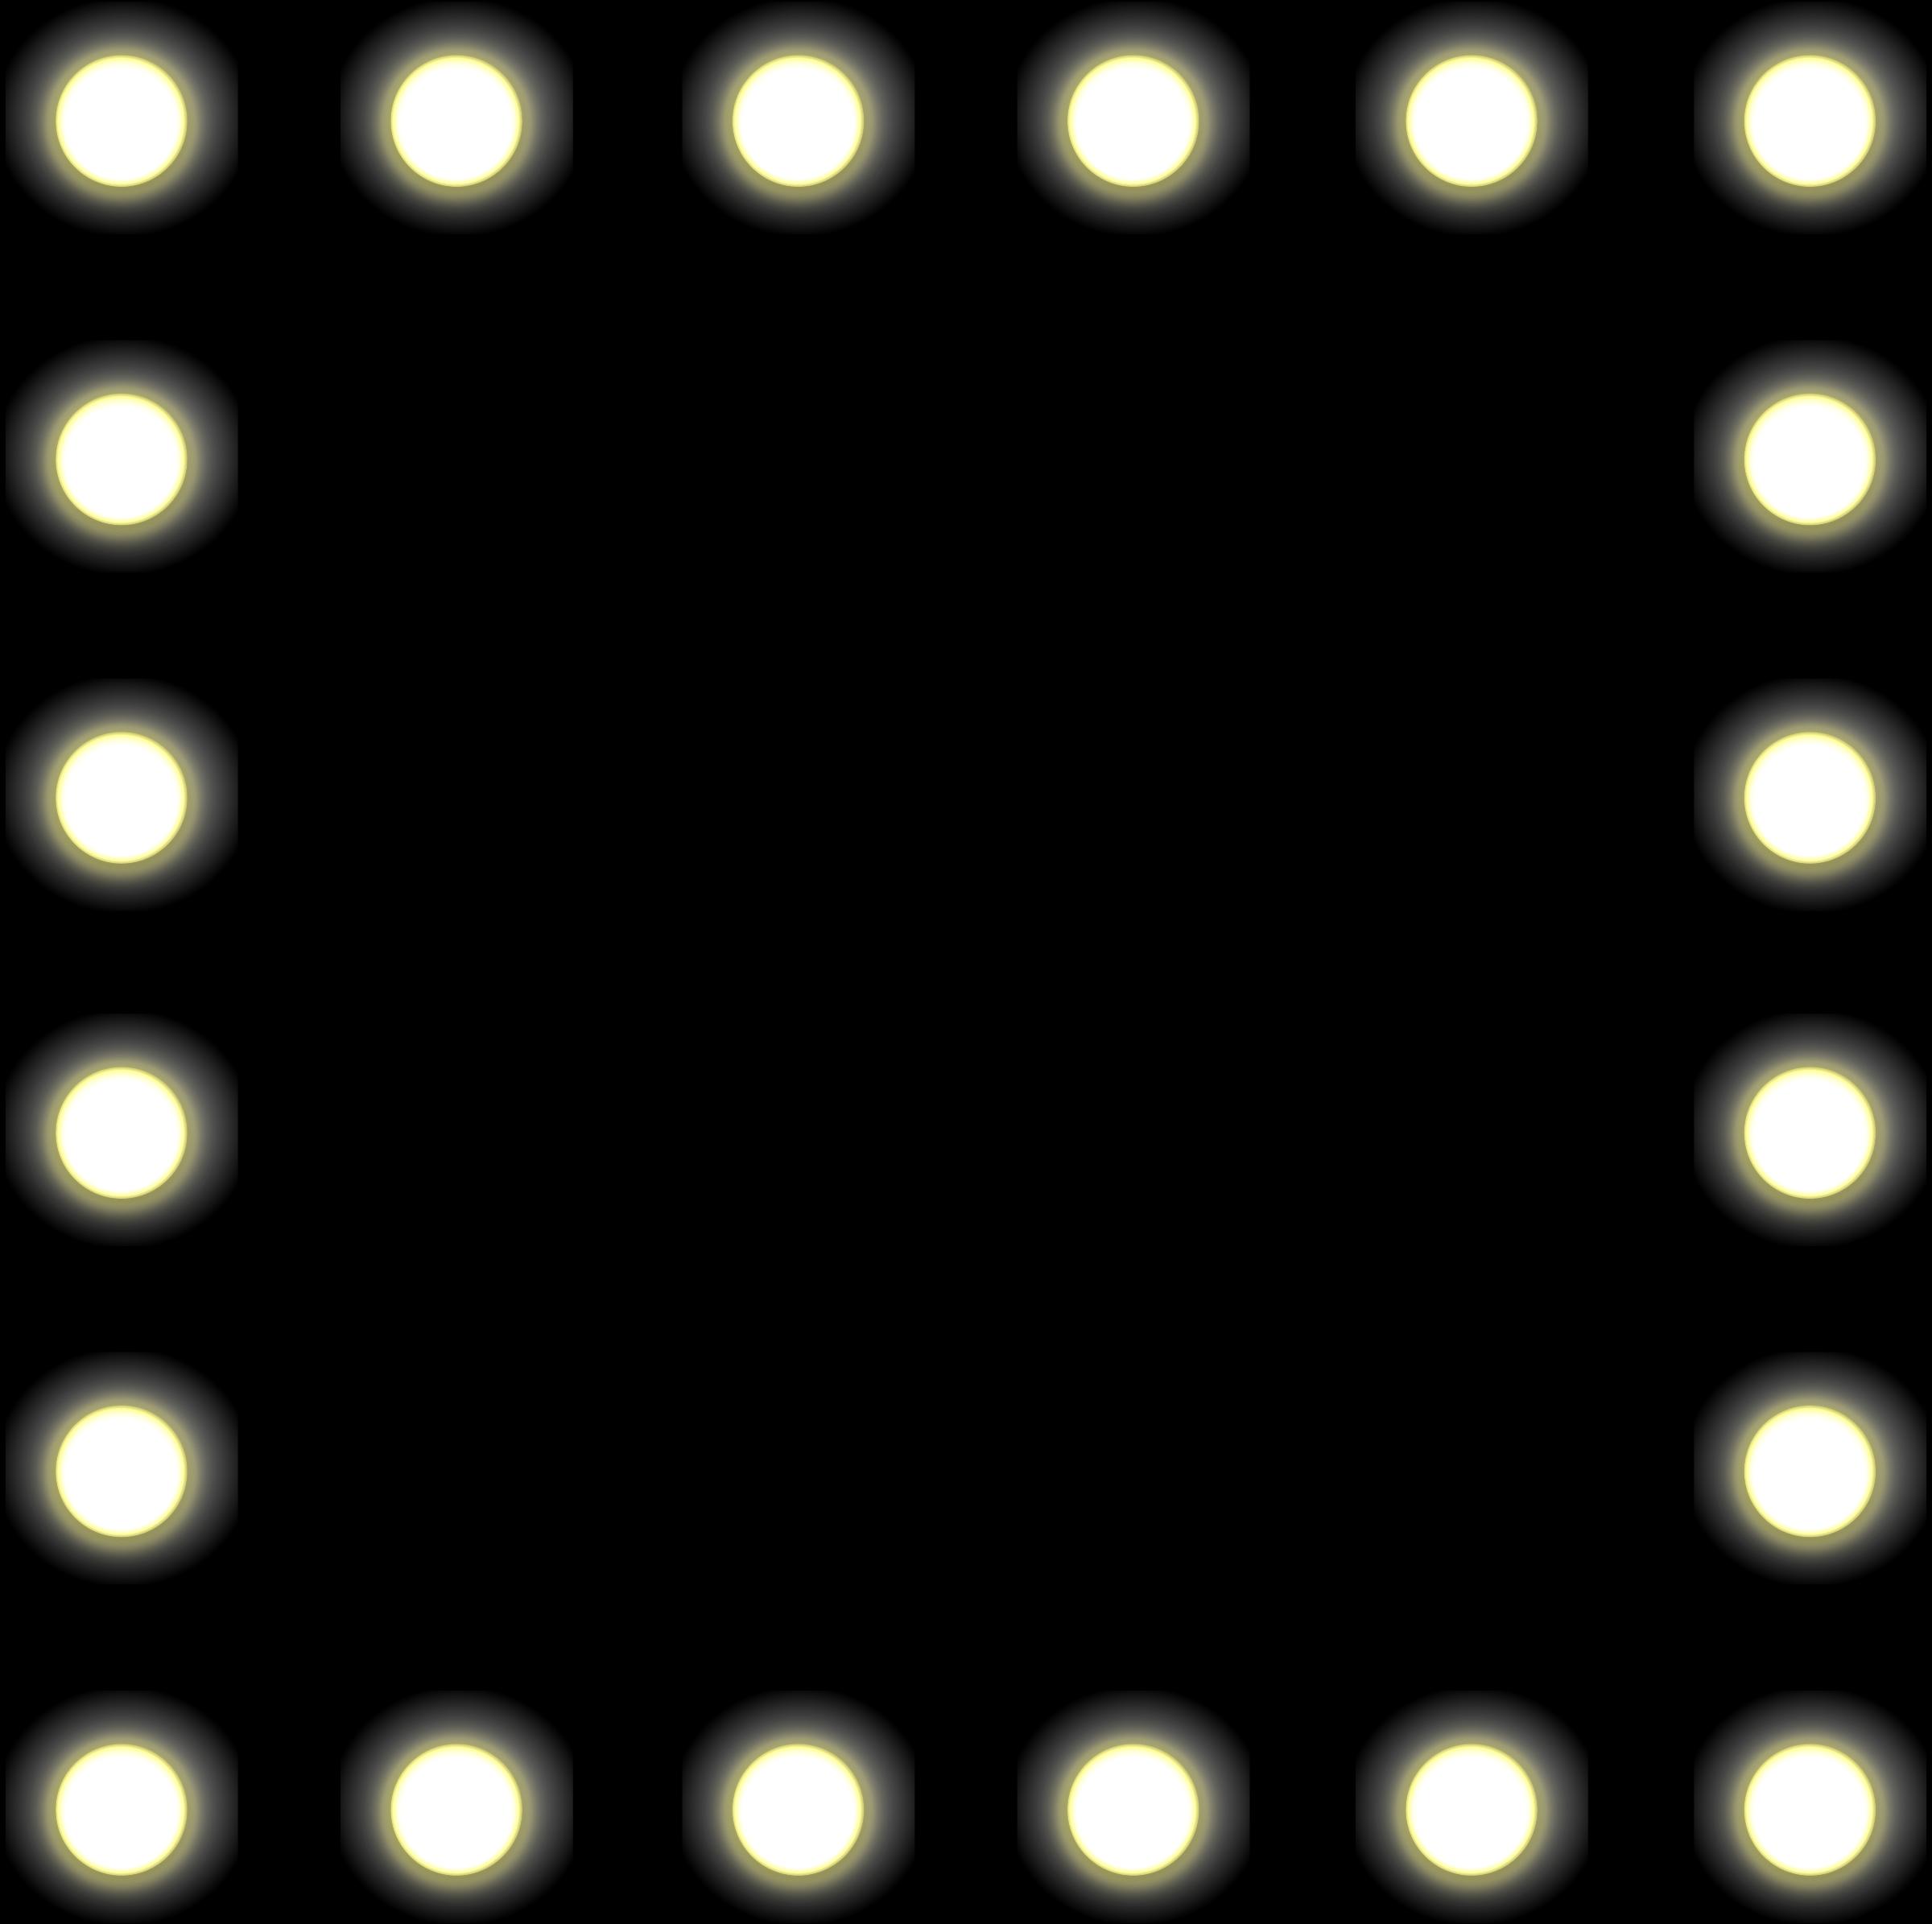 Light Bulb Frame Clipart.